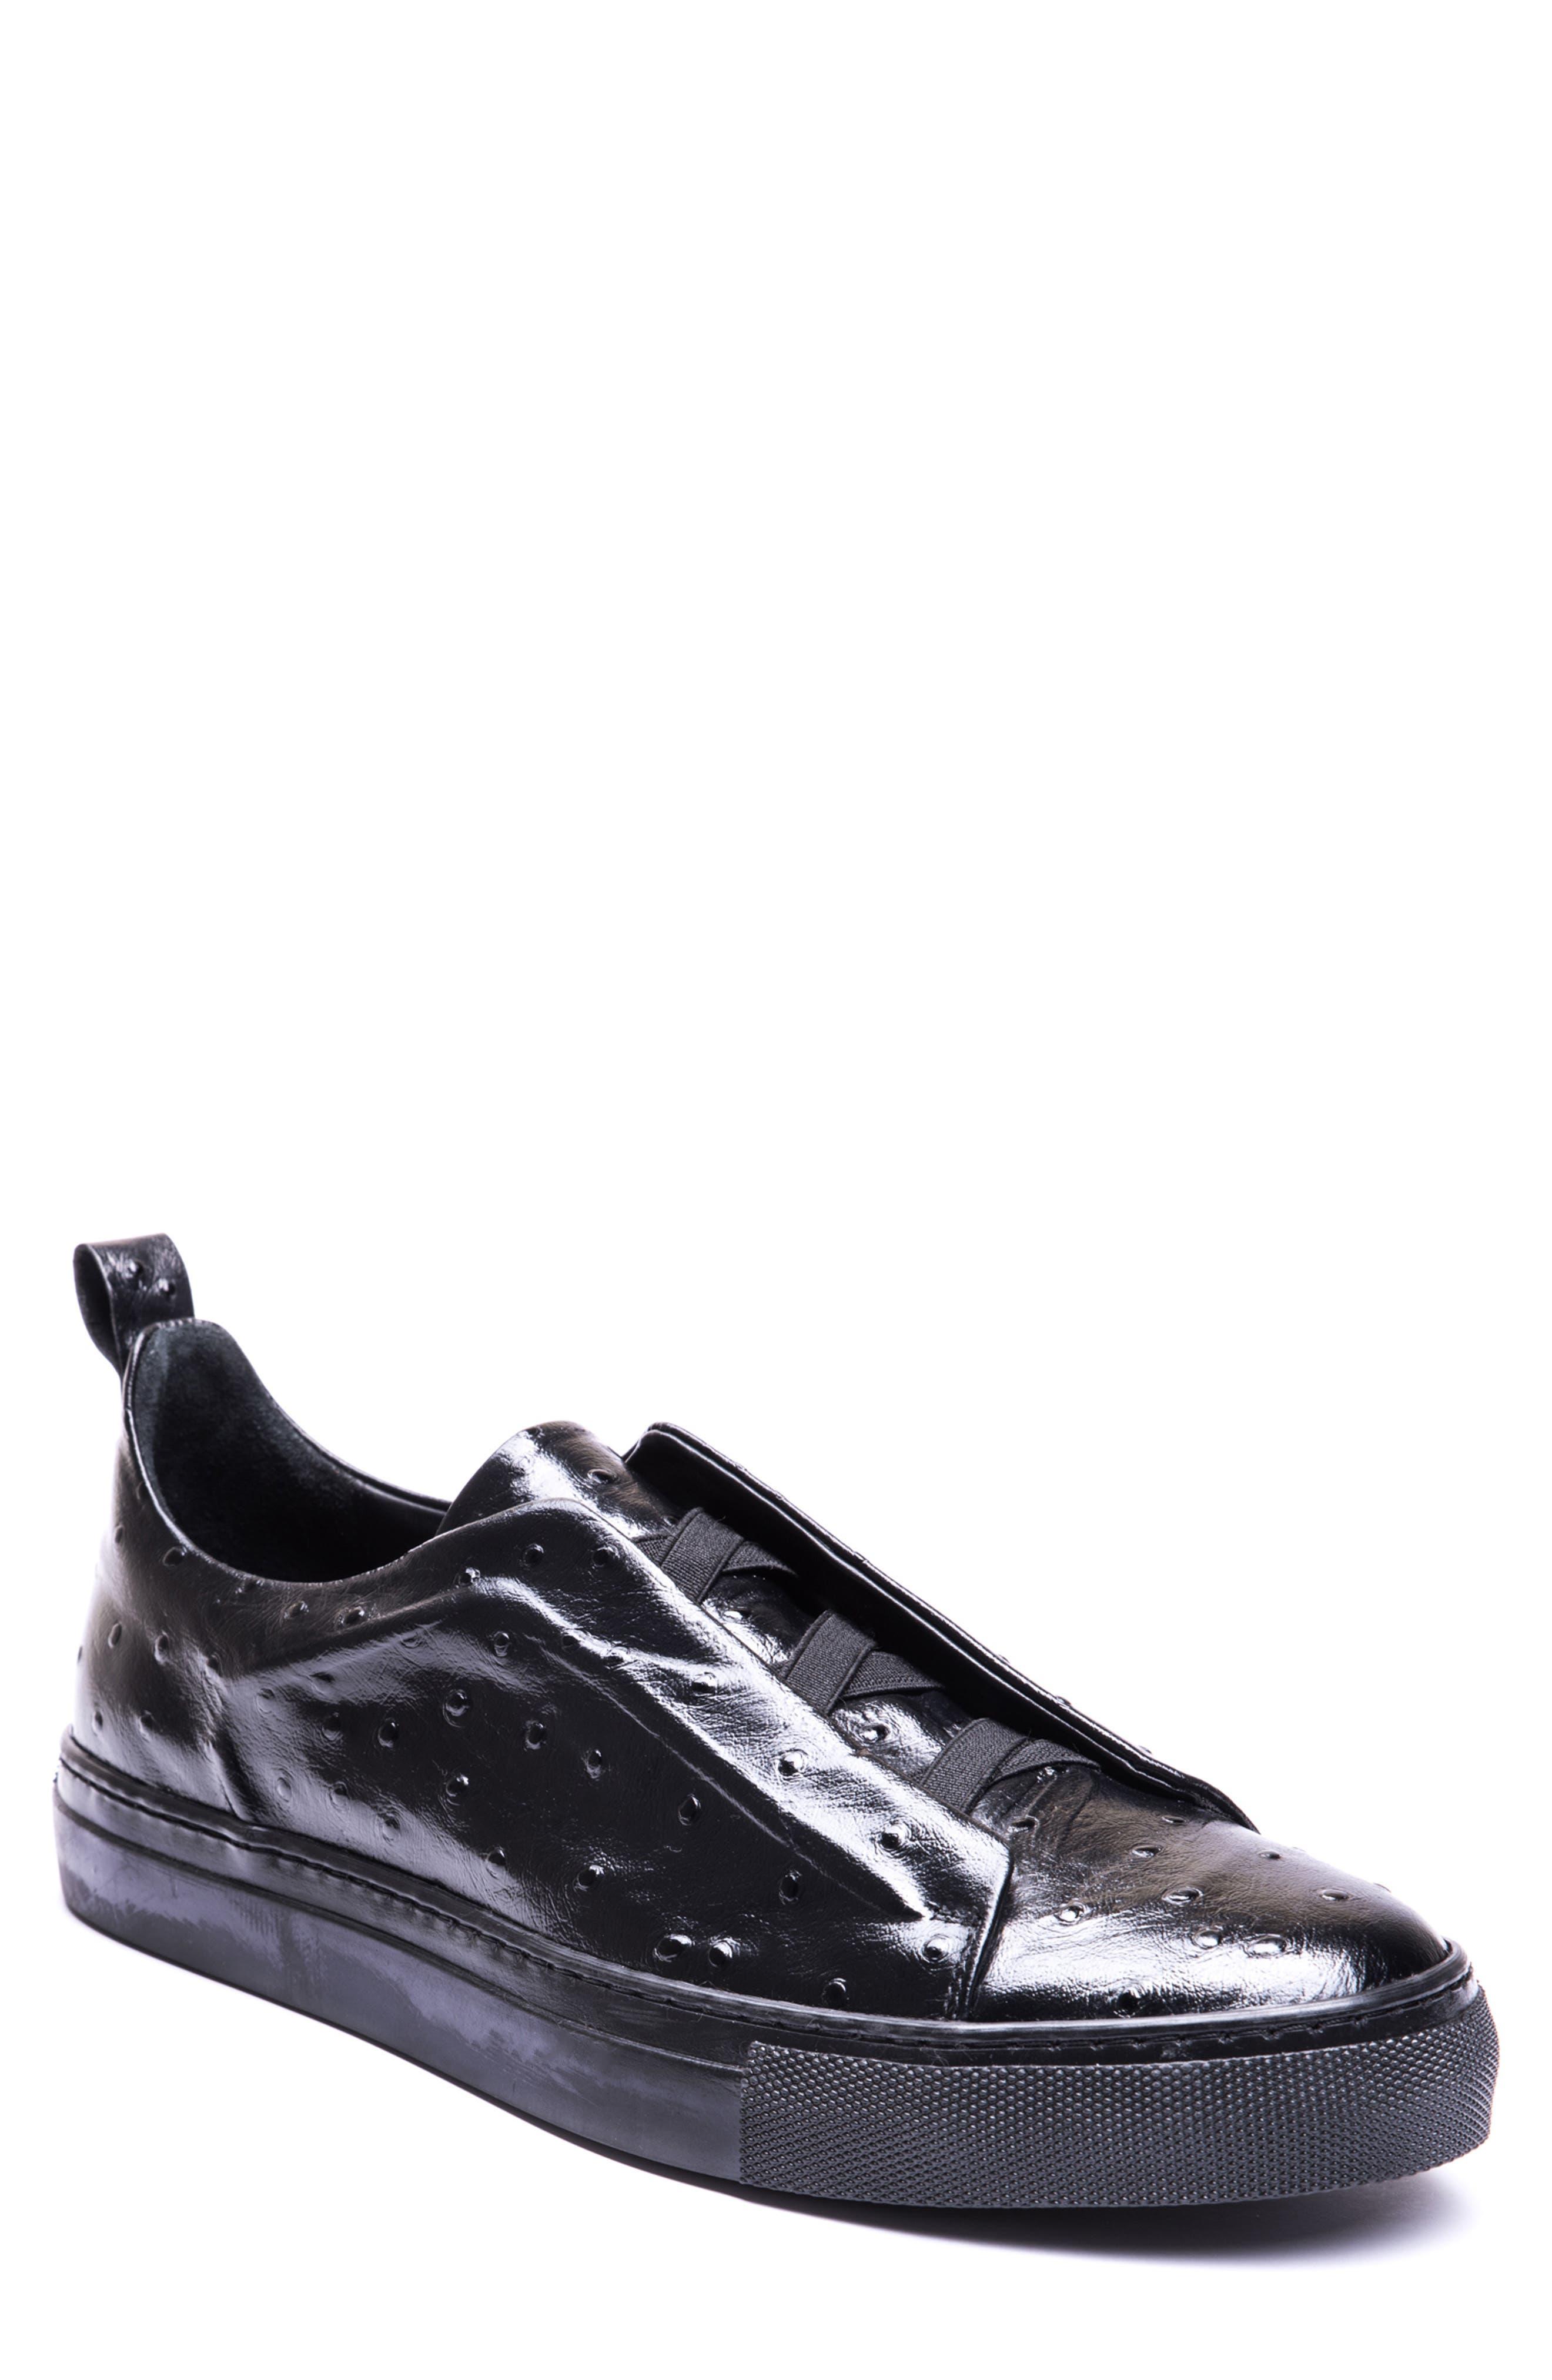 JARED LANG Santos Slip-On, Main, color, BLACK/ BLACK LEATHER